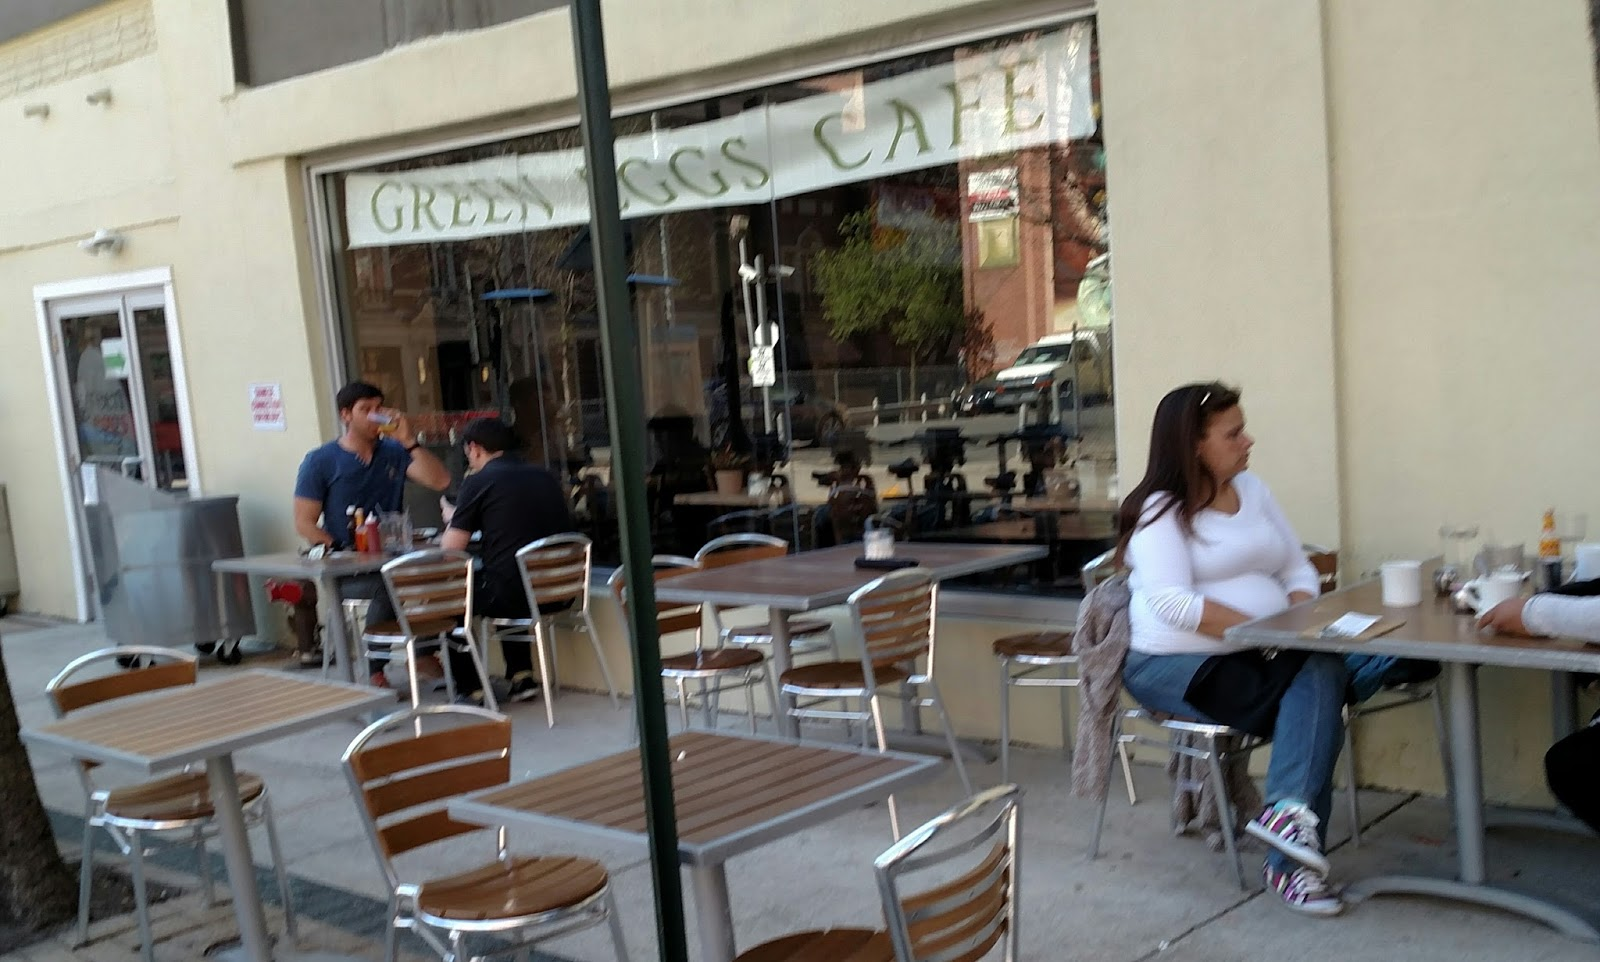 green eggs cafe philadelphia # 64